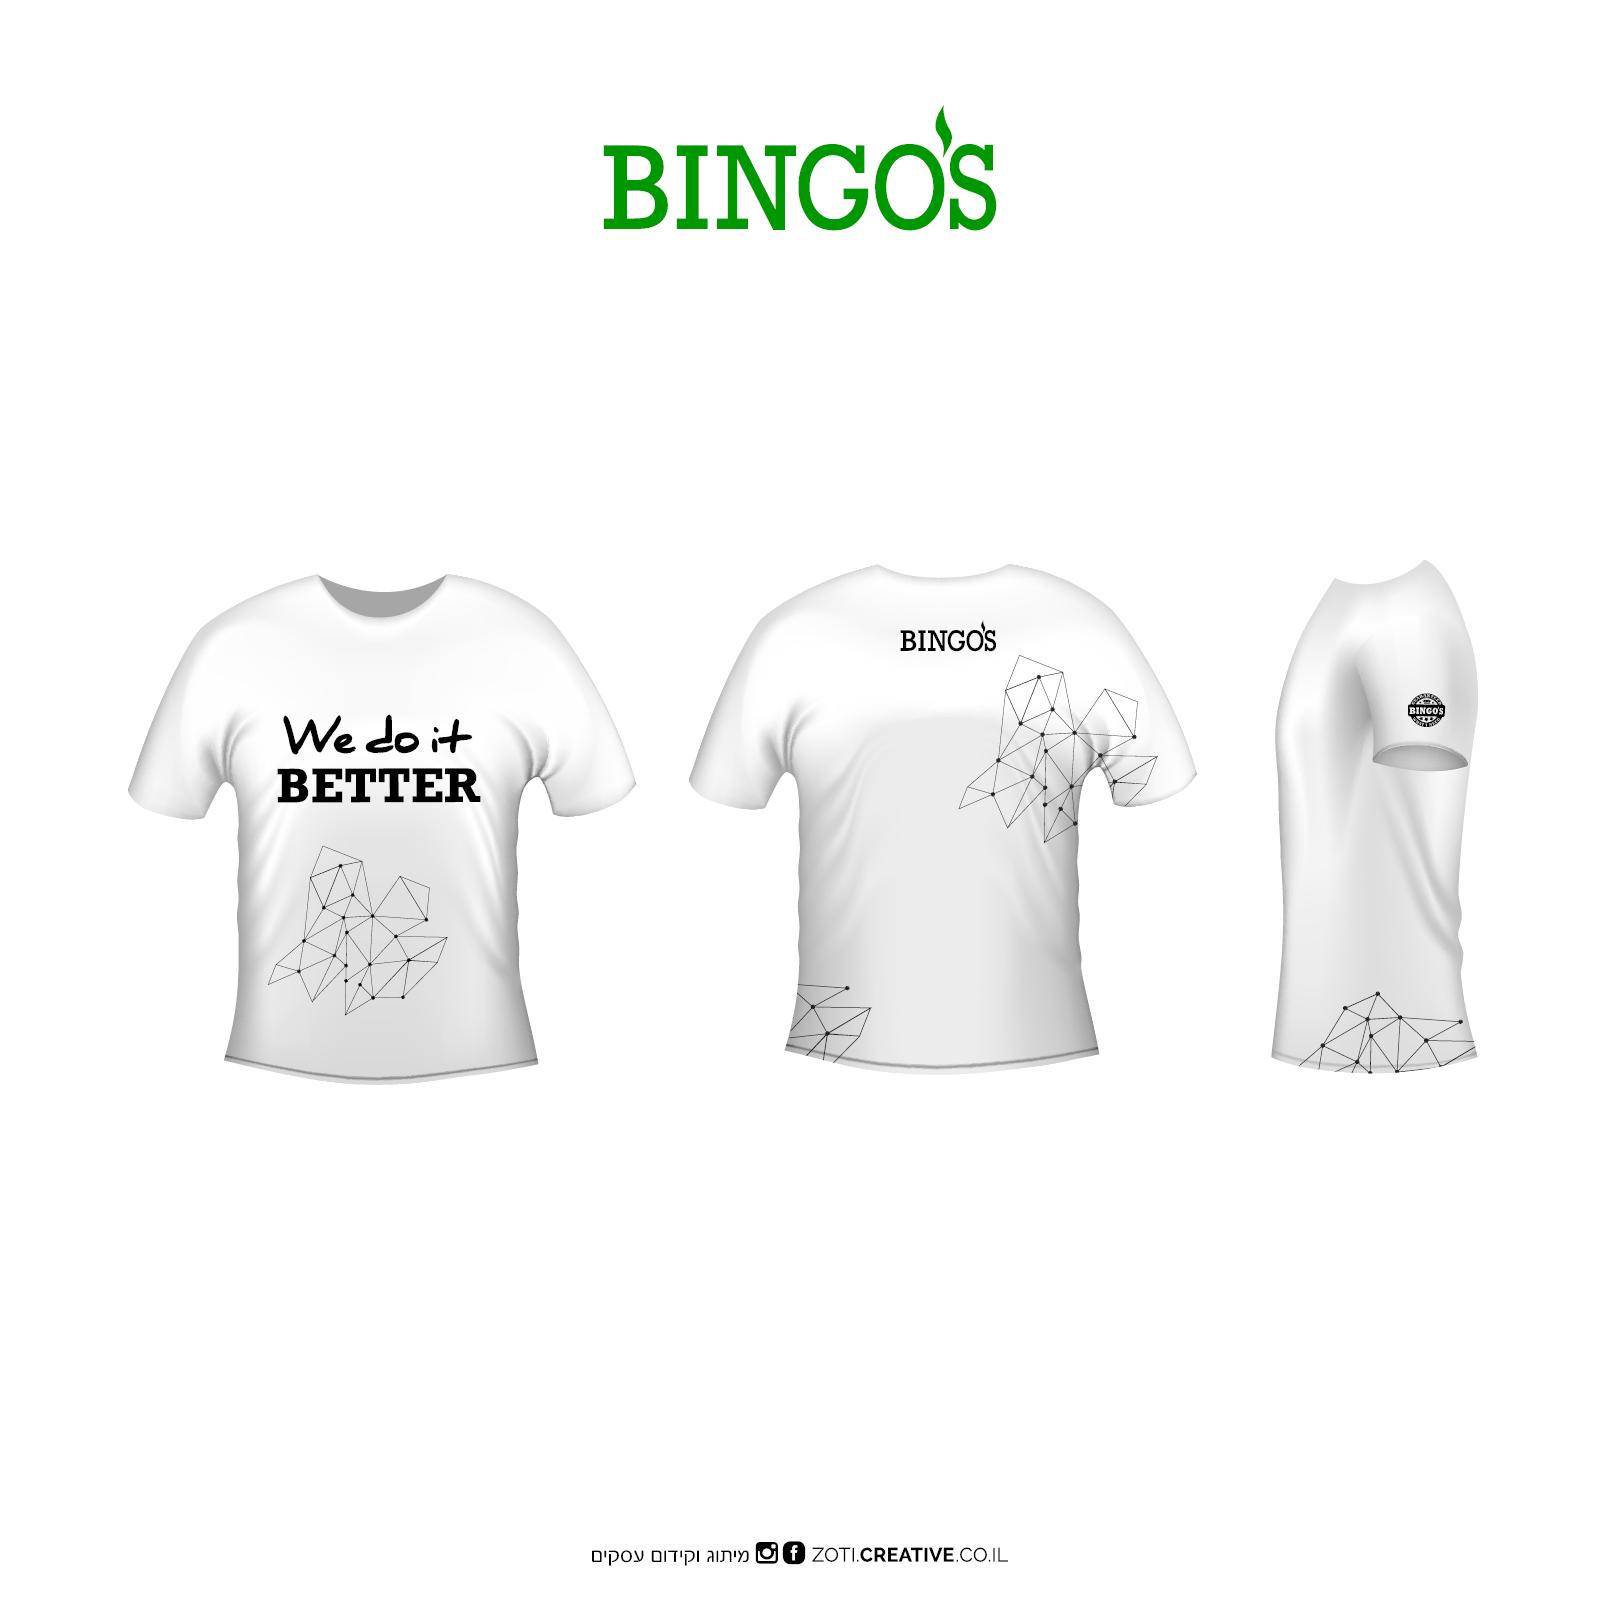 בינגו עיצובים